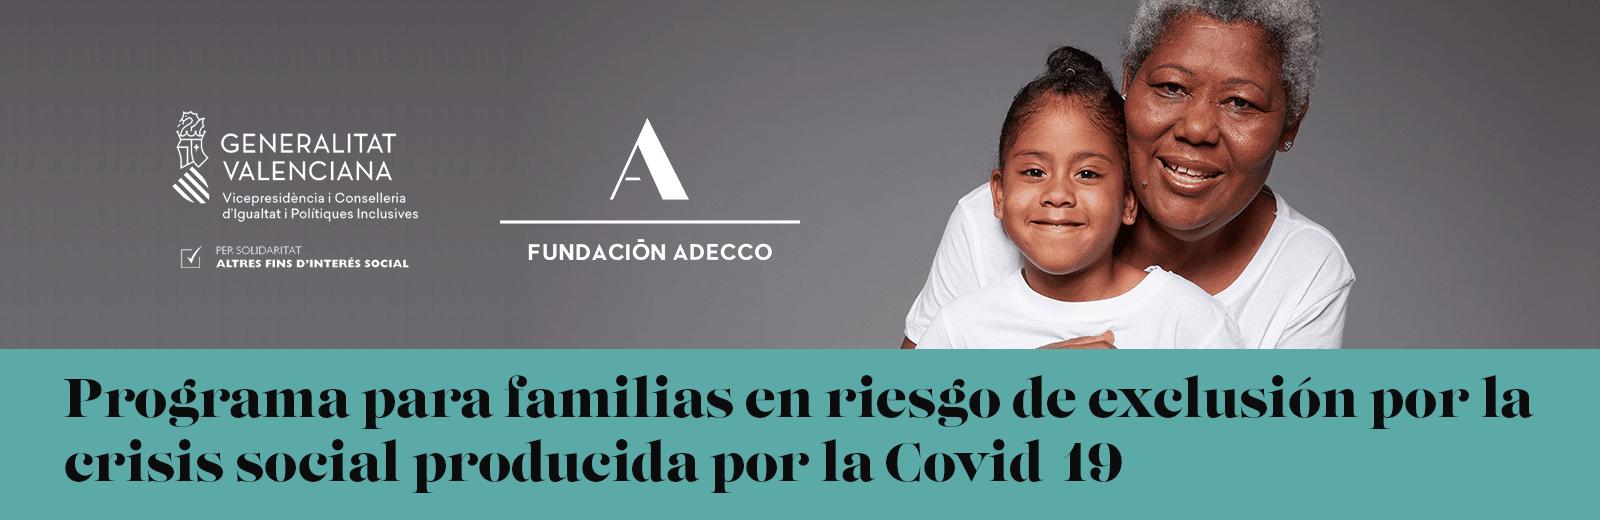 Programa de empleo para familias en riesgo de exclusión como consecuencia de la Covid-19.